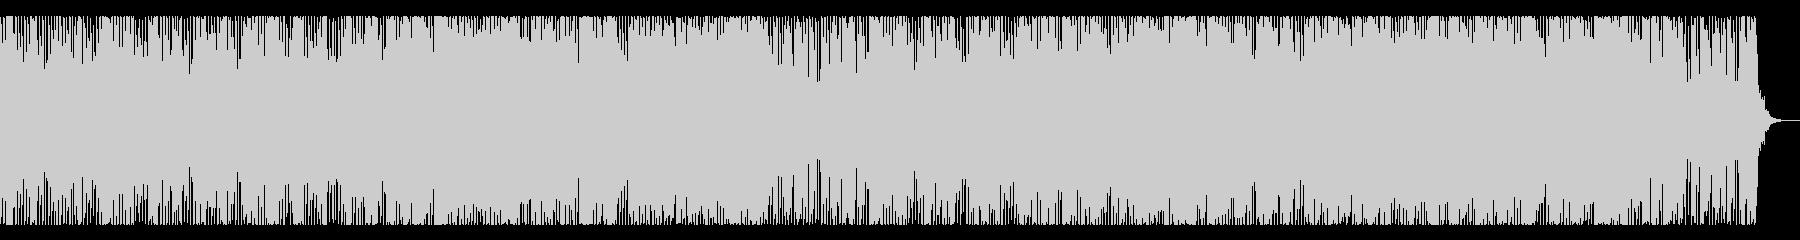 ラテンテイストのダンスチューンの未再生の波形